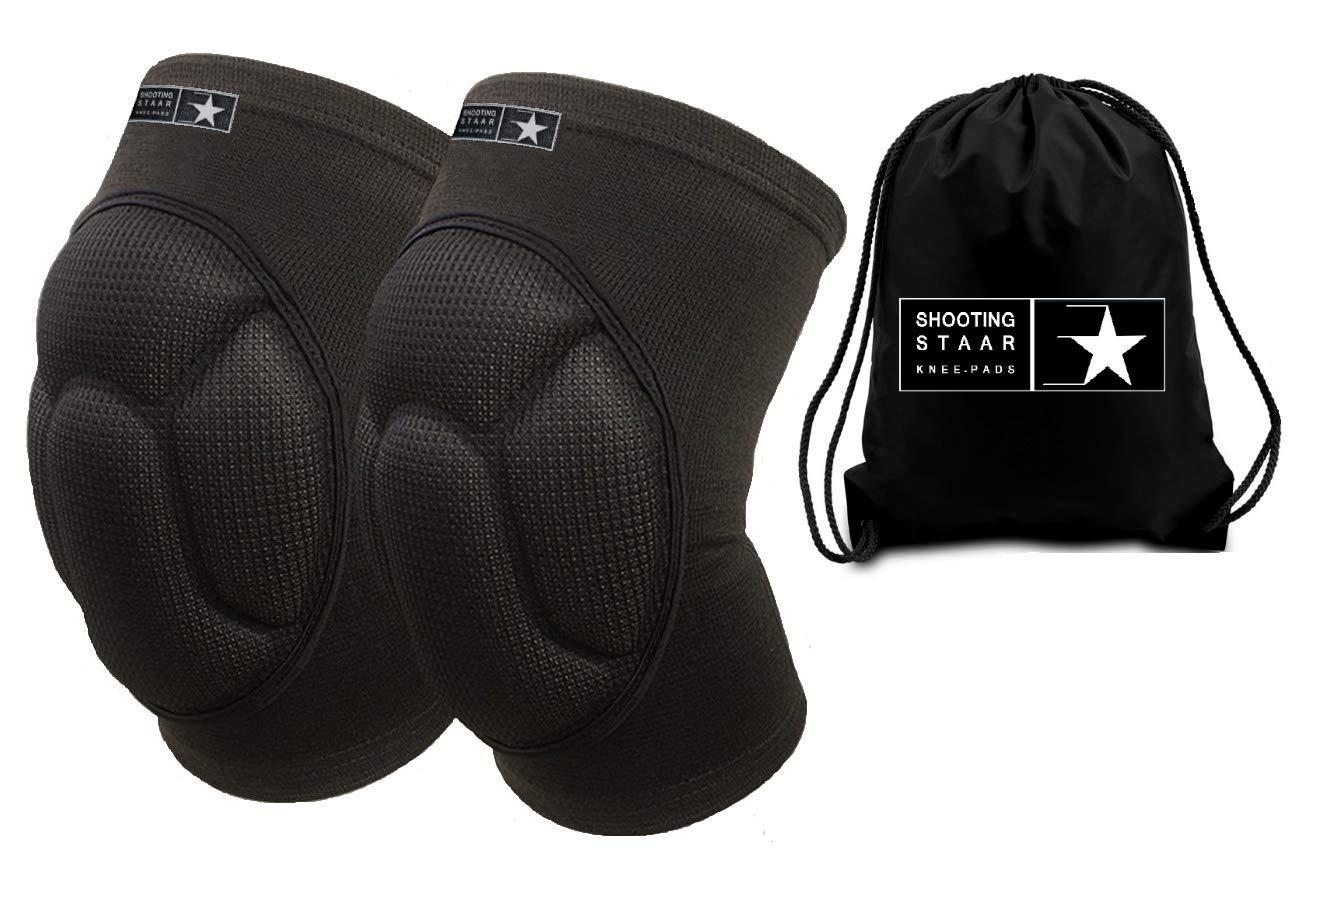 シューティングスターペア多目的ユニセックス保護膝パッド、フリーバッグ付き 衝撃を吸収する厚いスポンジのパッド入りスリーブ、100%生地が滑り止めと終日の快適さを提供します。 サイズ S/M/L/XL B07P6DGKQY  X-Large